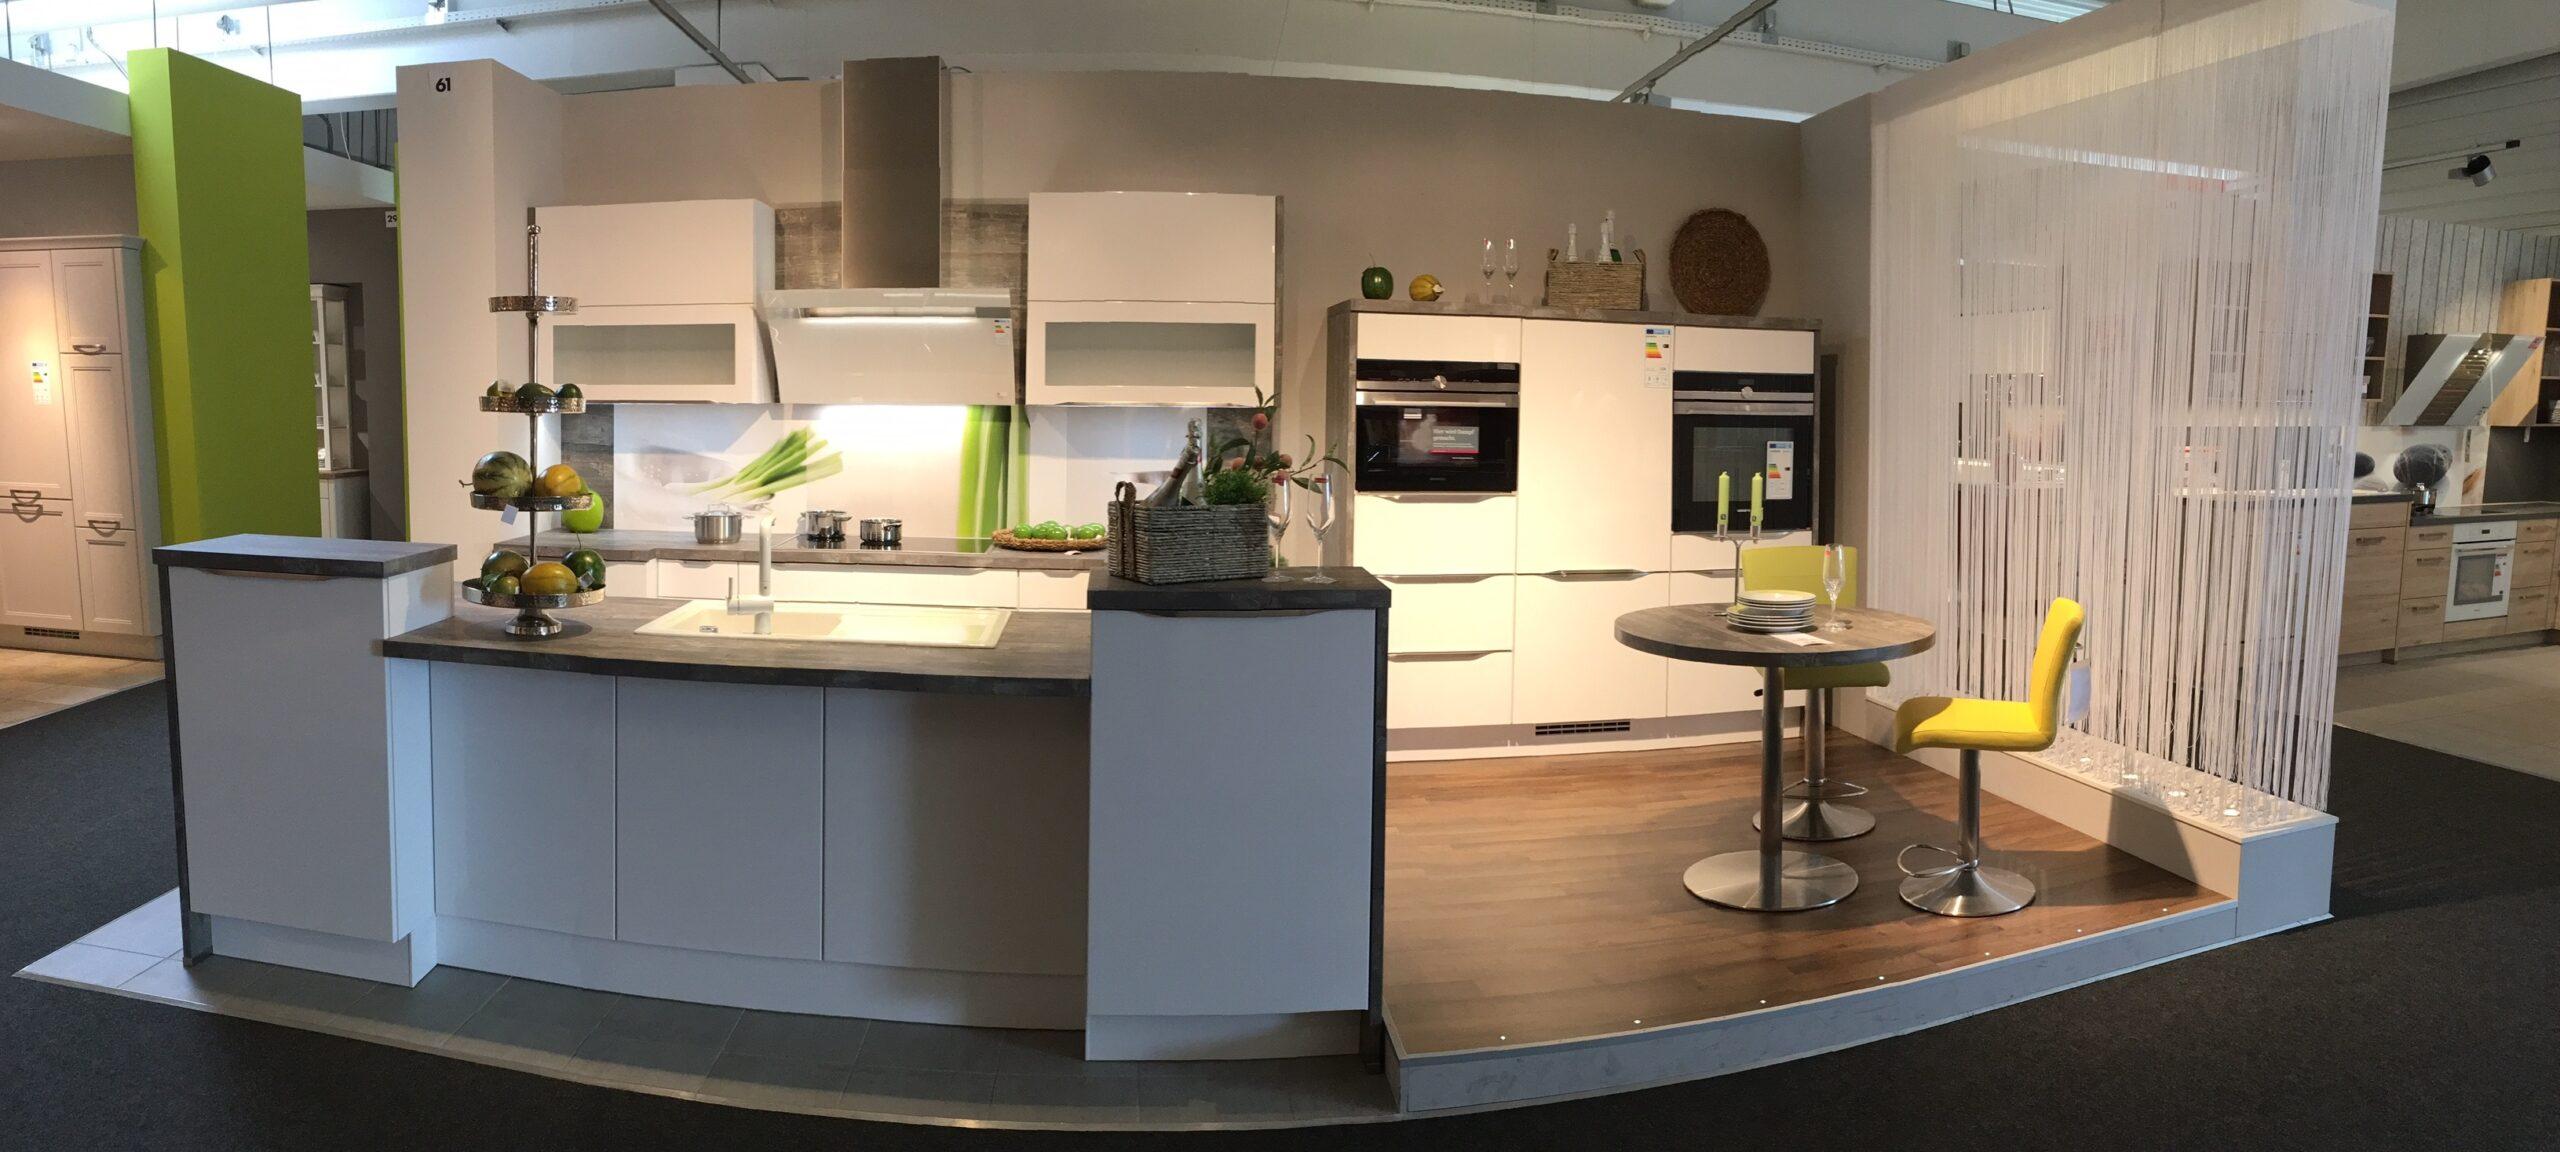 Full Size of Kchen Nach Ihrem Geschmack Mbel Graf Küchen Regal Freistehende Küche Wohnzimmer Freistehende Küchen